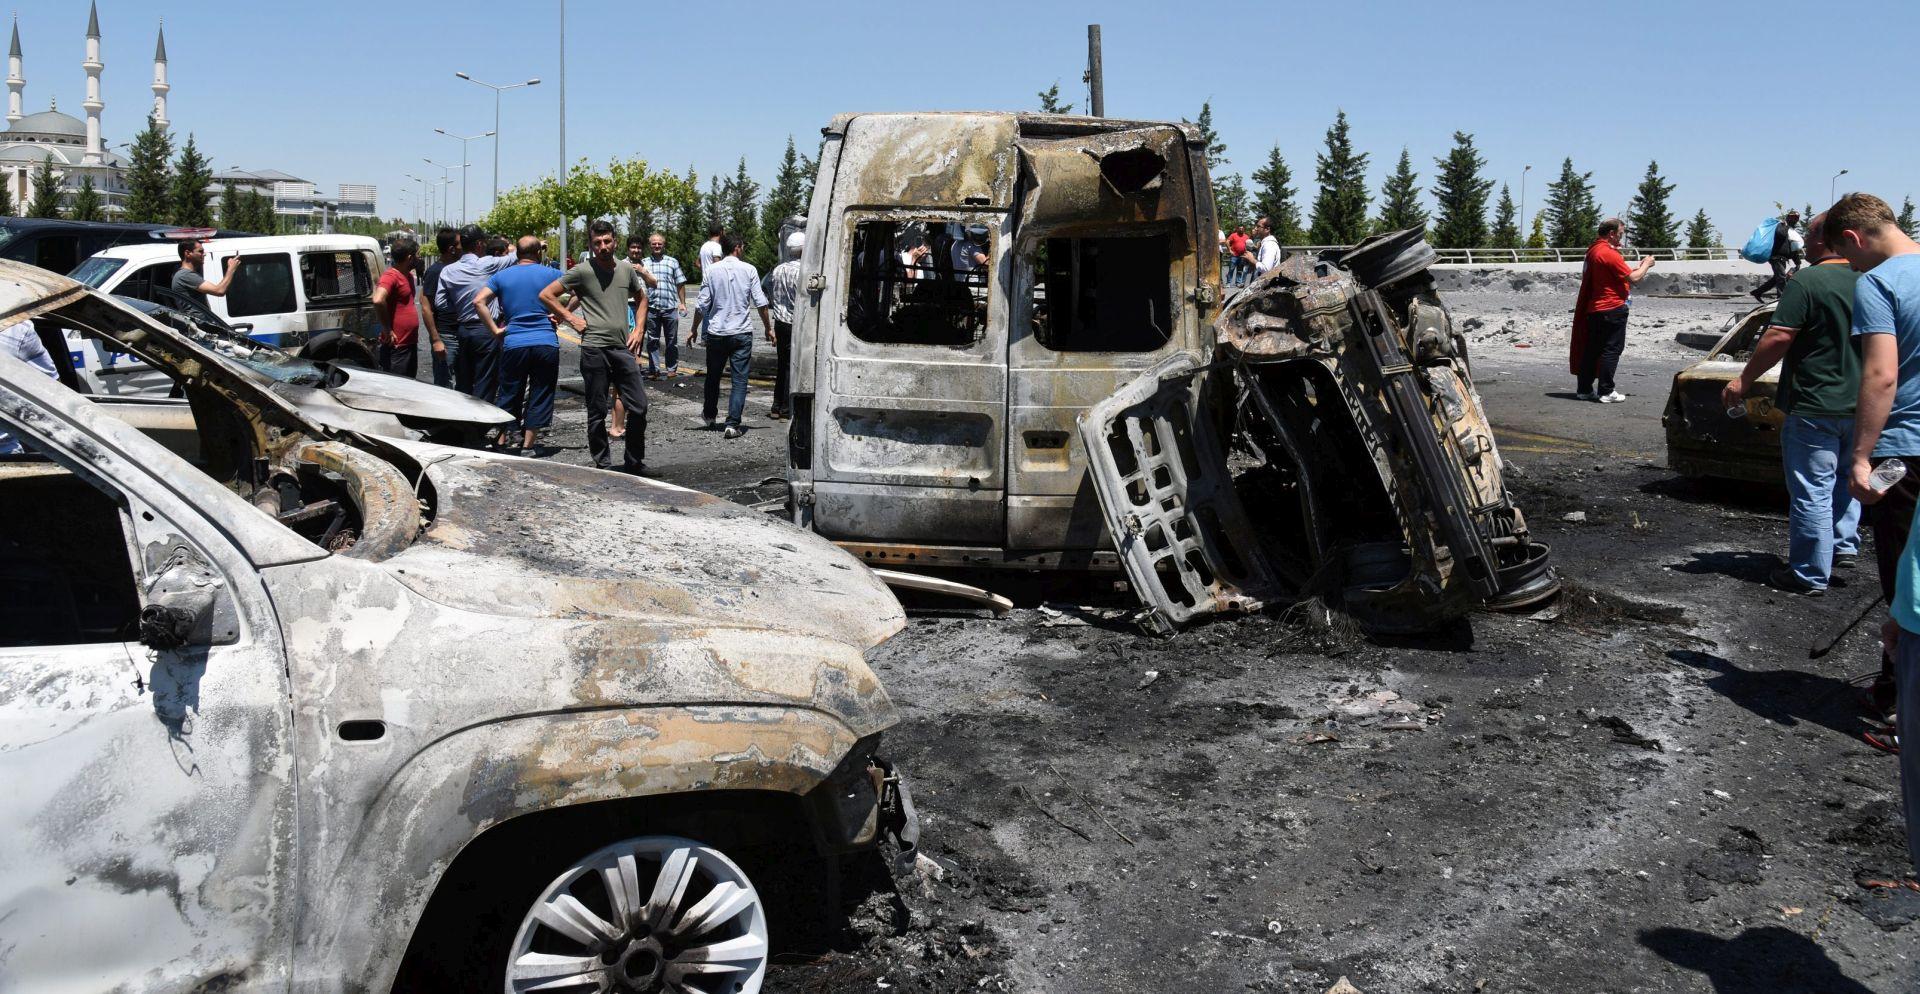 PKK u Turskoj nastavlja kampanju nasilja nakon puča, 10 mrtvih